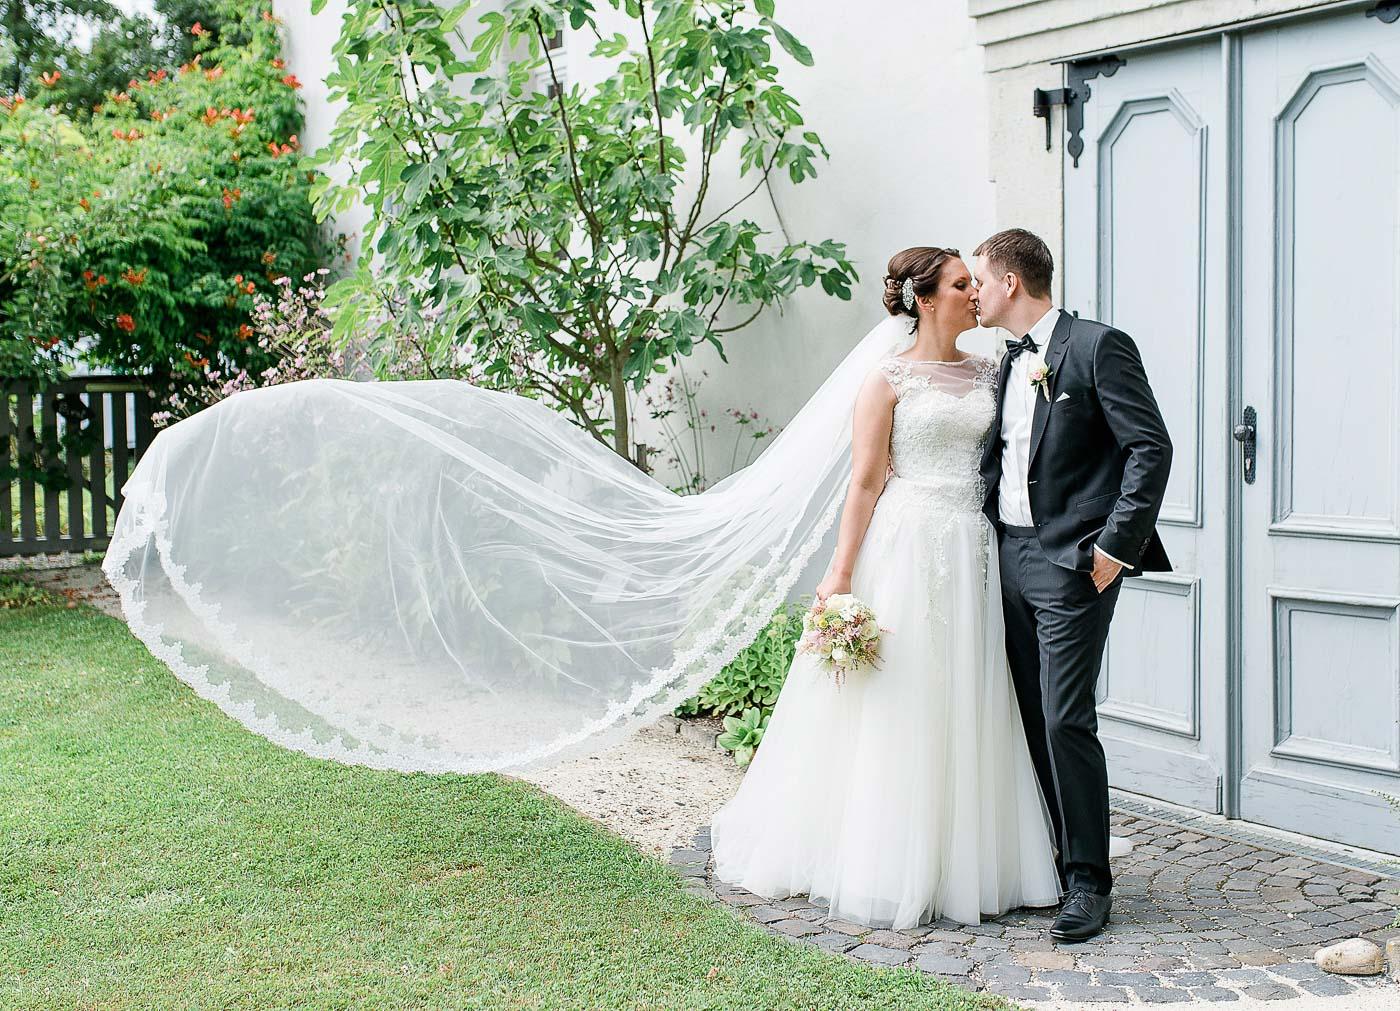 Hochzeitsreportage auf der Laneburg | Andrea <3 Christian